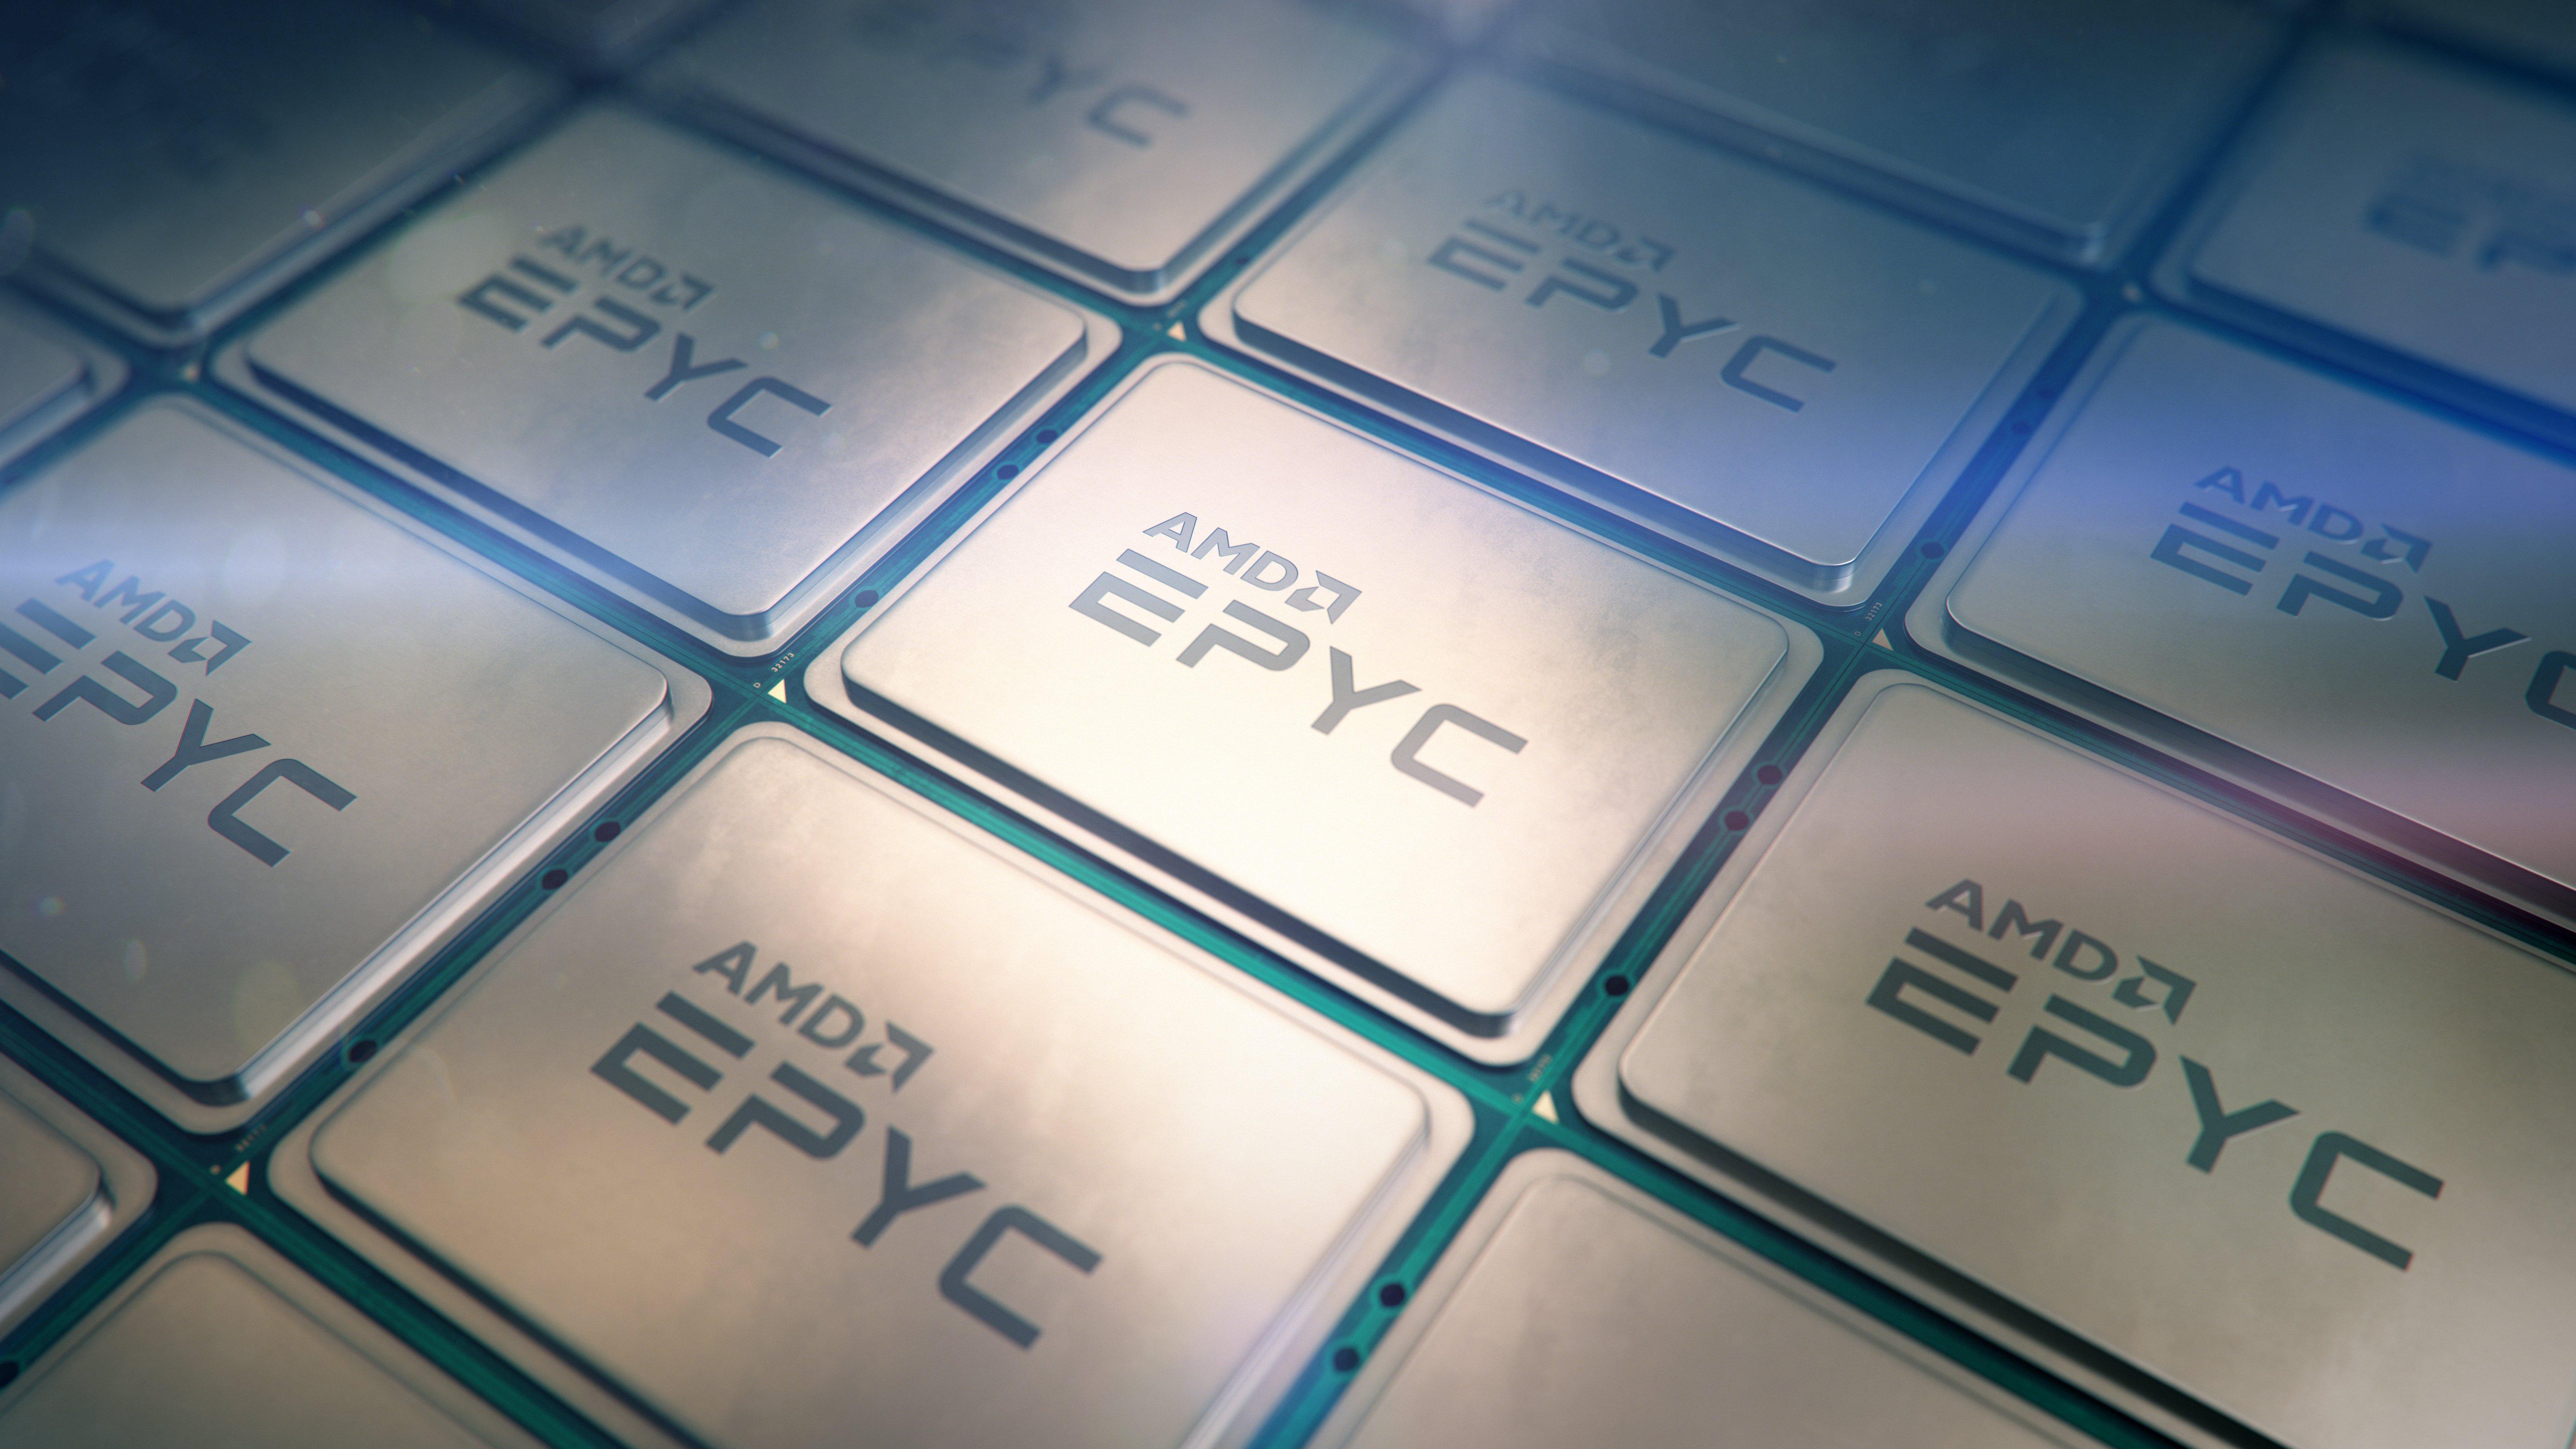 Co słychać u AMD? Zbiór ostatnich wieści o działaniach czerwonych 24